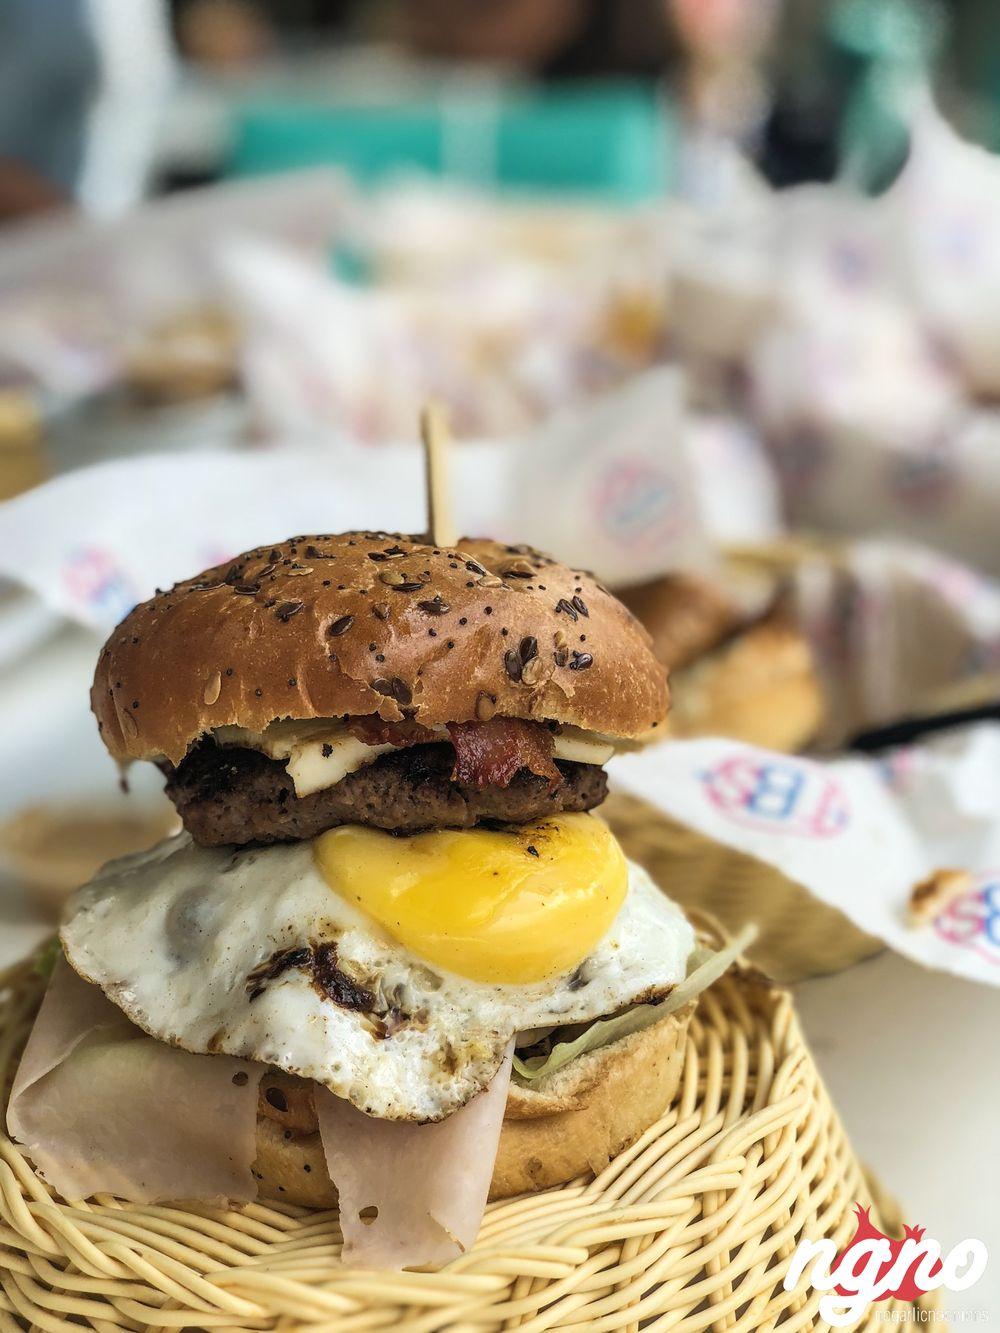 the-burger-shop-nogarlicnoonions-182018-08-23-06-00-09